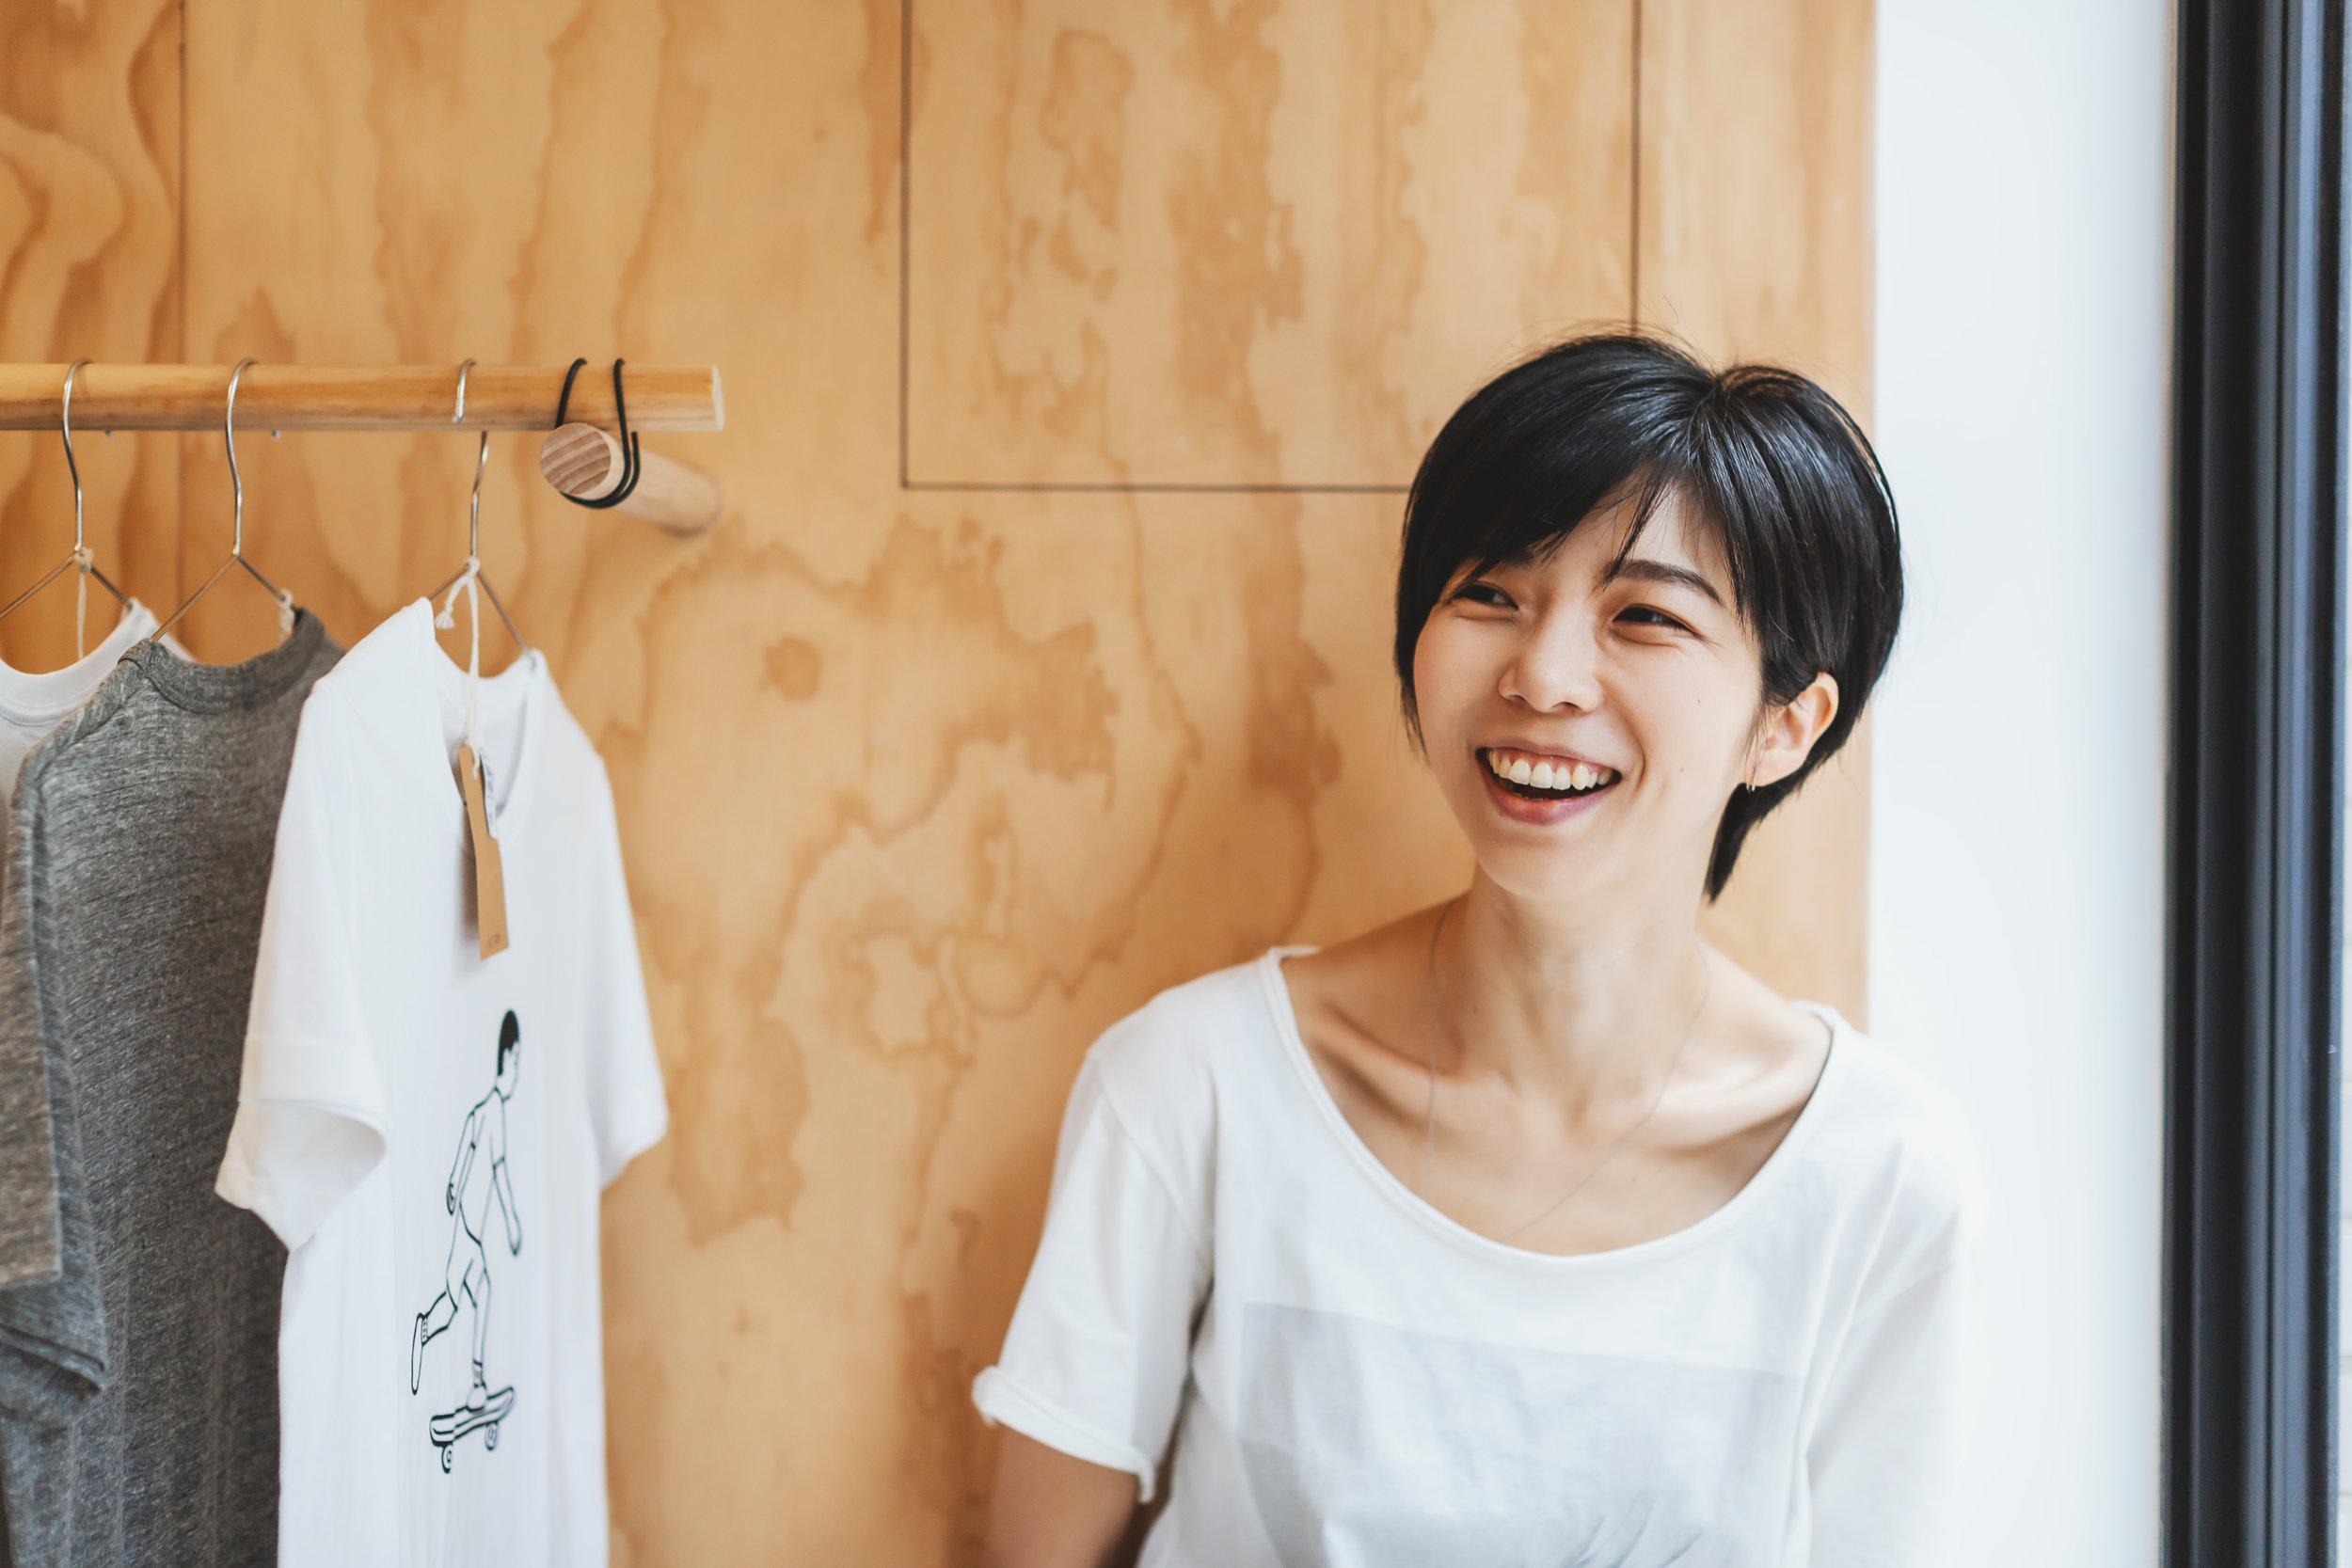 陈依秋期许,每一位来到前来的朋友,不论是台湾或外地的人们,都能透过展览、书籍或活动,带走一点启发或是对于美好生活的想像。